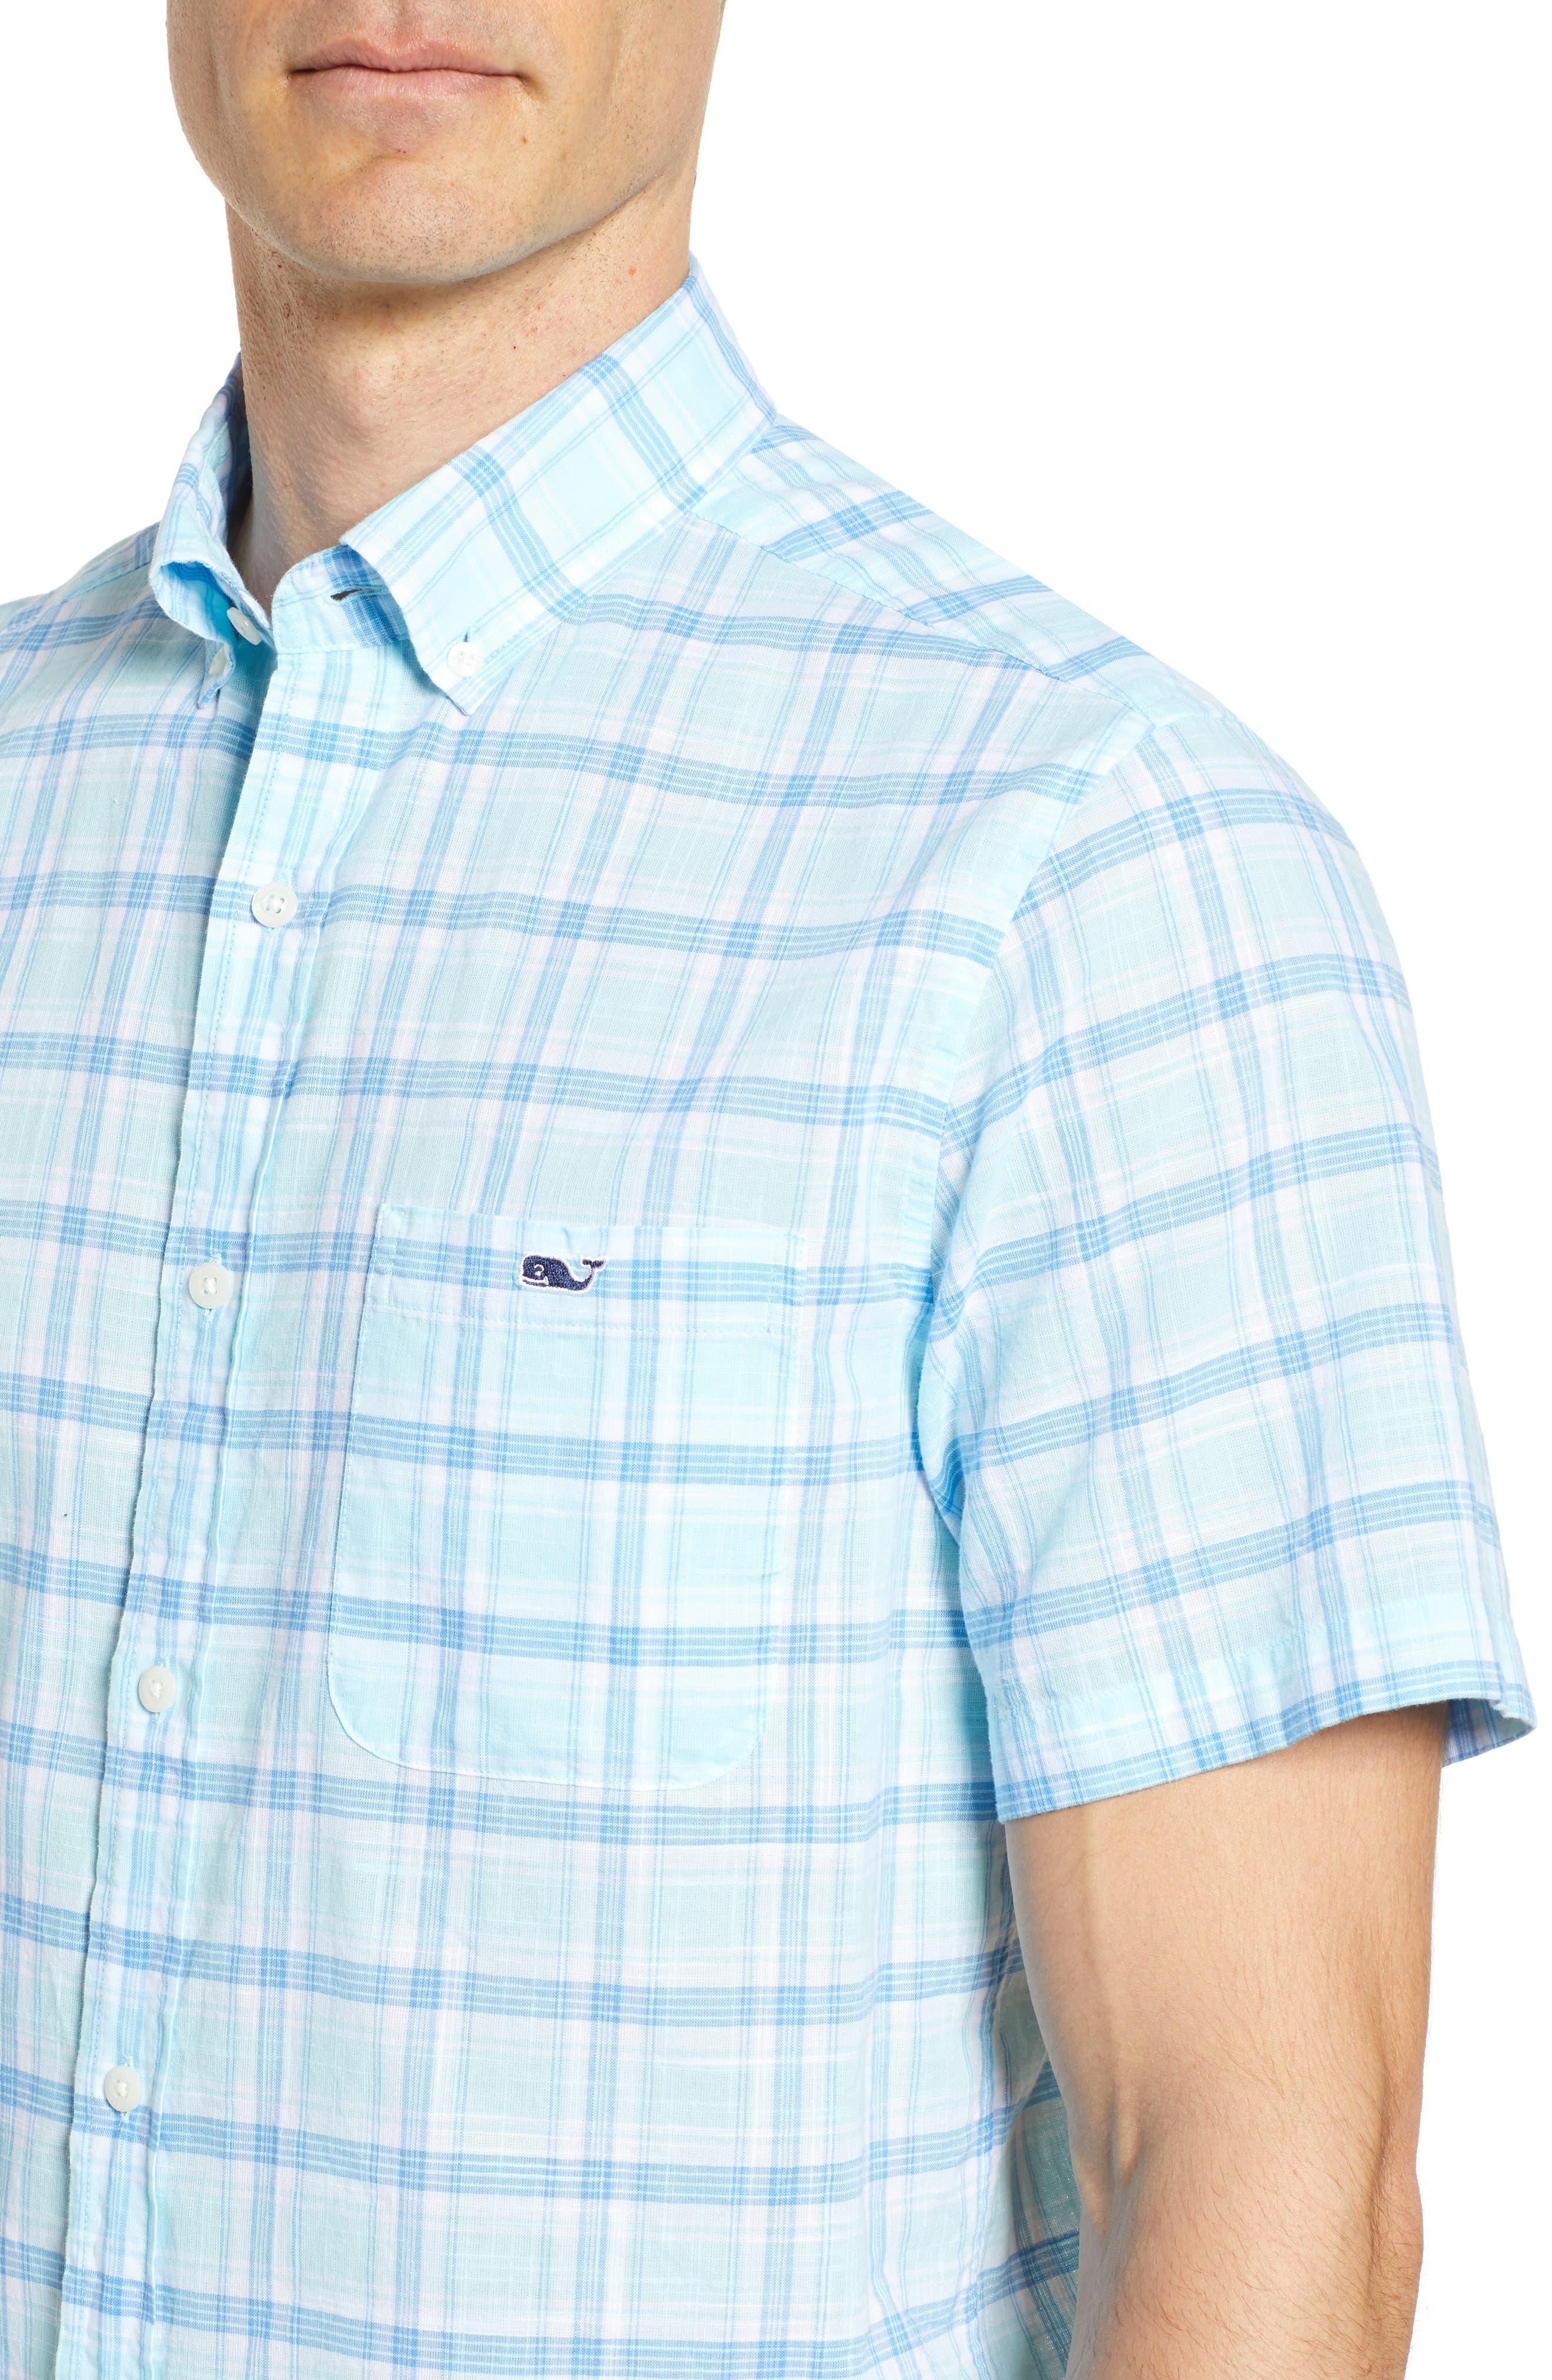 Pleasant Bay Classic Fit Plaid Sport Shirt,                             Alternate thumbnail 4, color,                             437